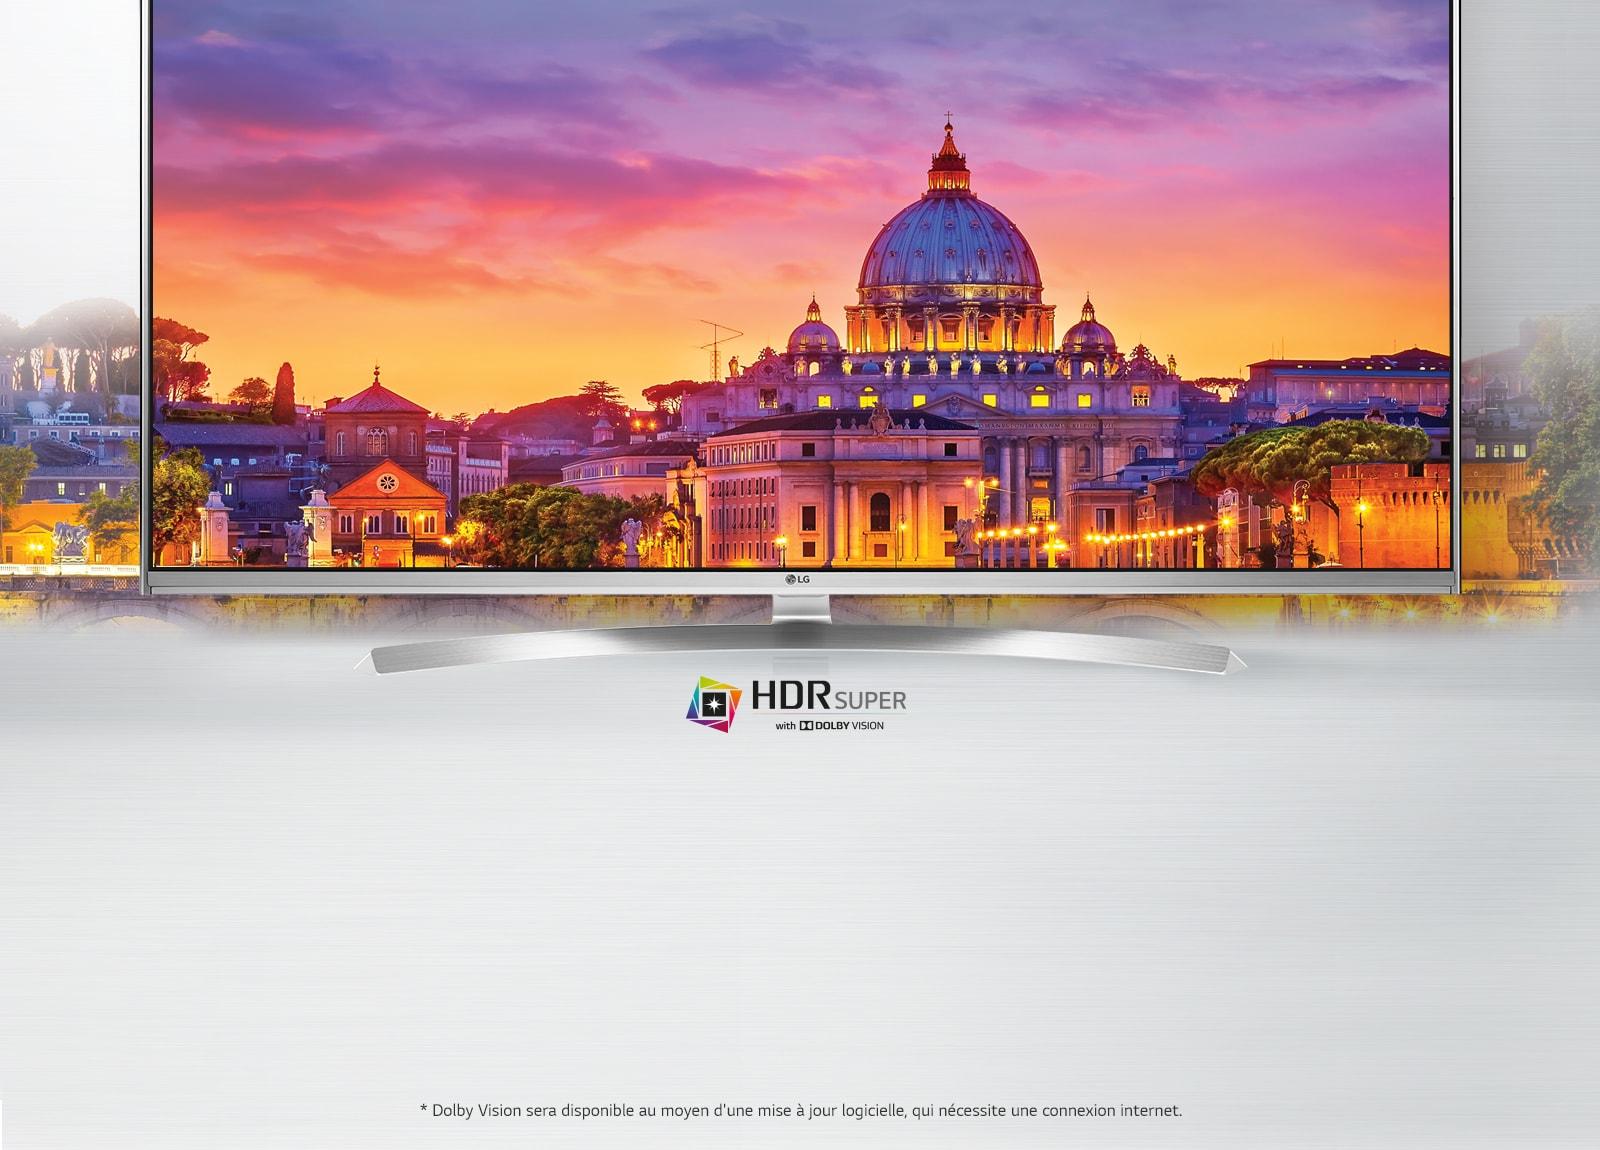 HDR SUPER avec Dolby Vision